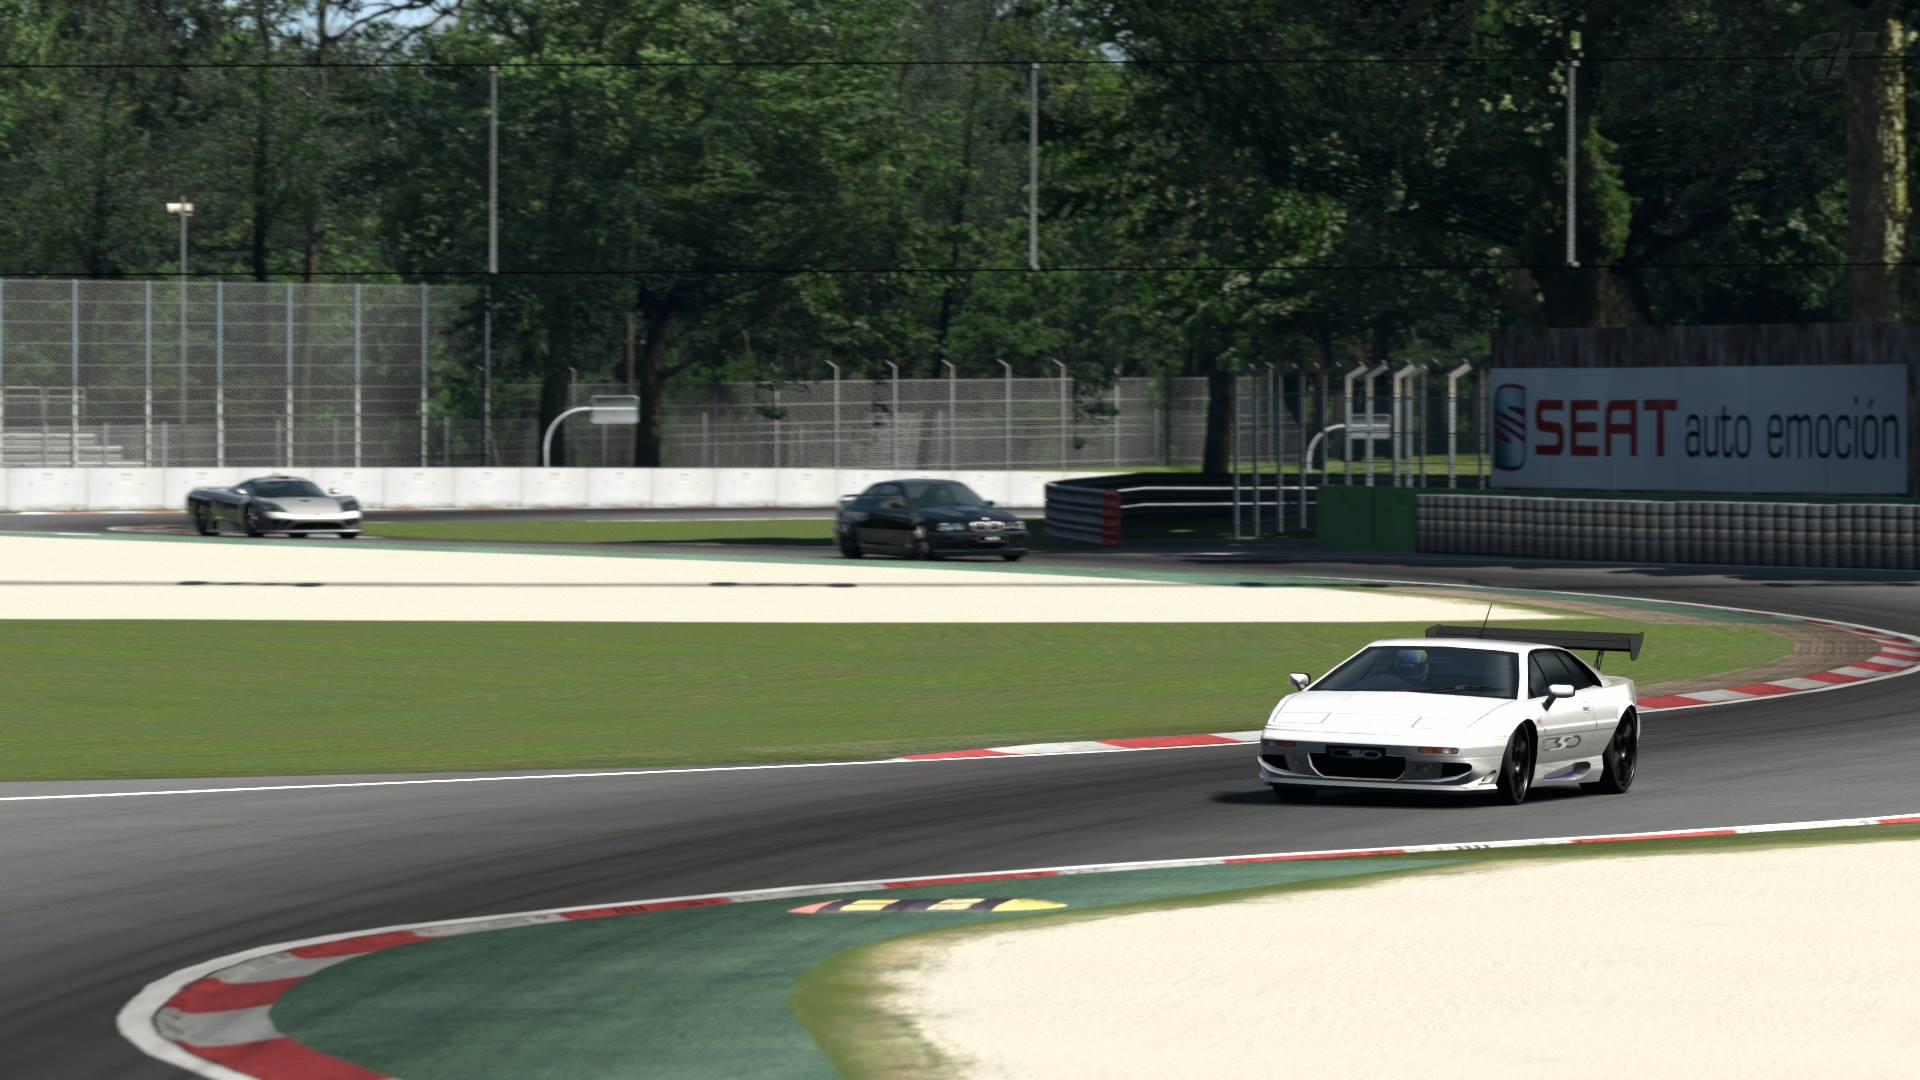 GT6MCR Autodromo Nazionale de Monza 80 2 bat 02082014 1.jpg